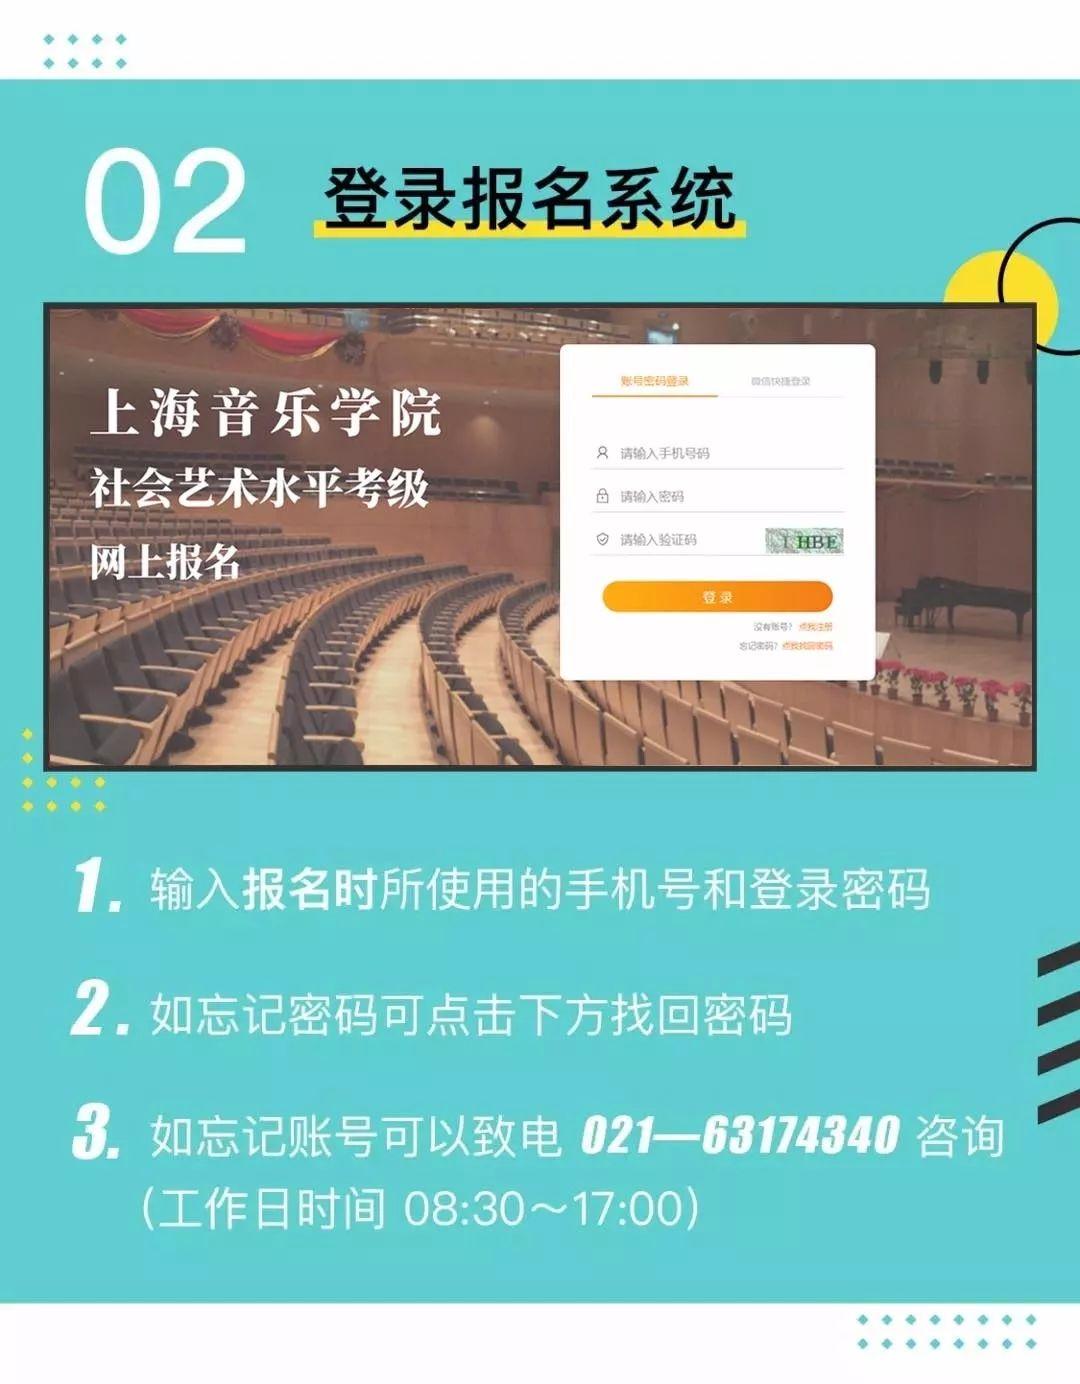 社会资讯_【考级资讯】上海音乐学院社会艺术考级准考证打印流程|2019年 ...